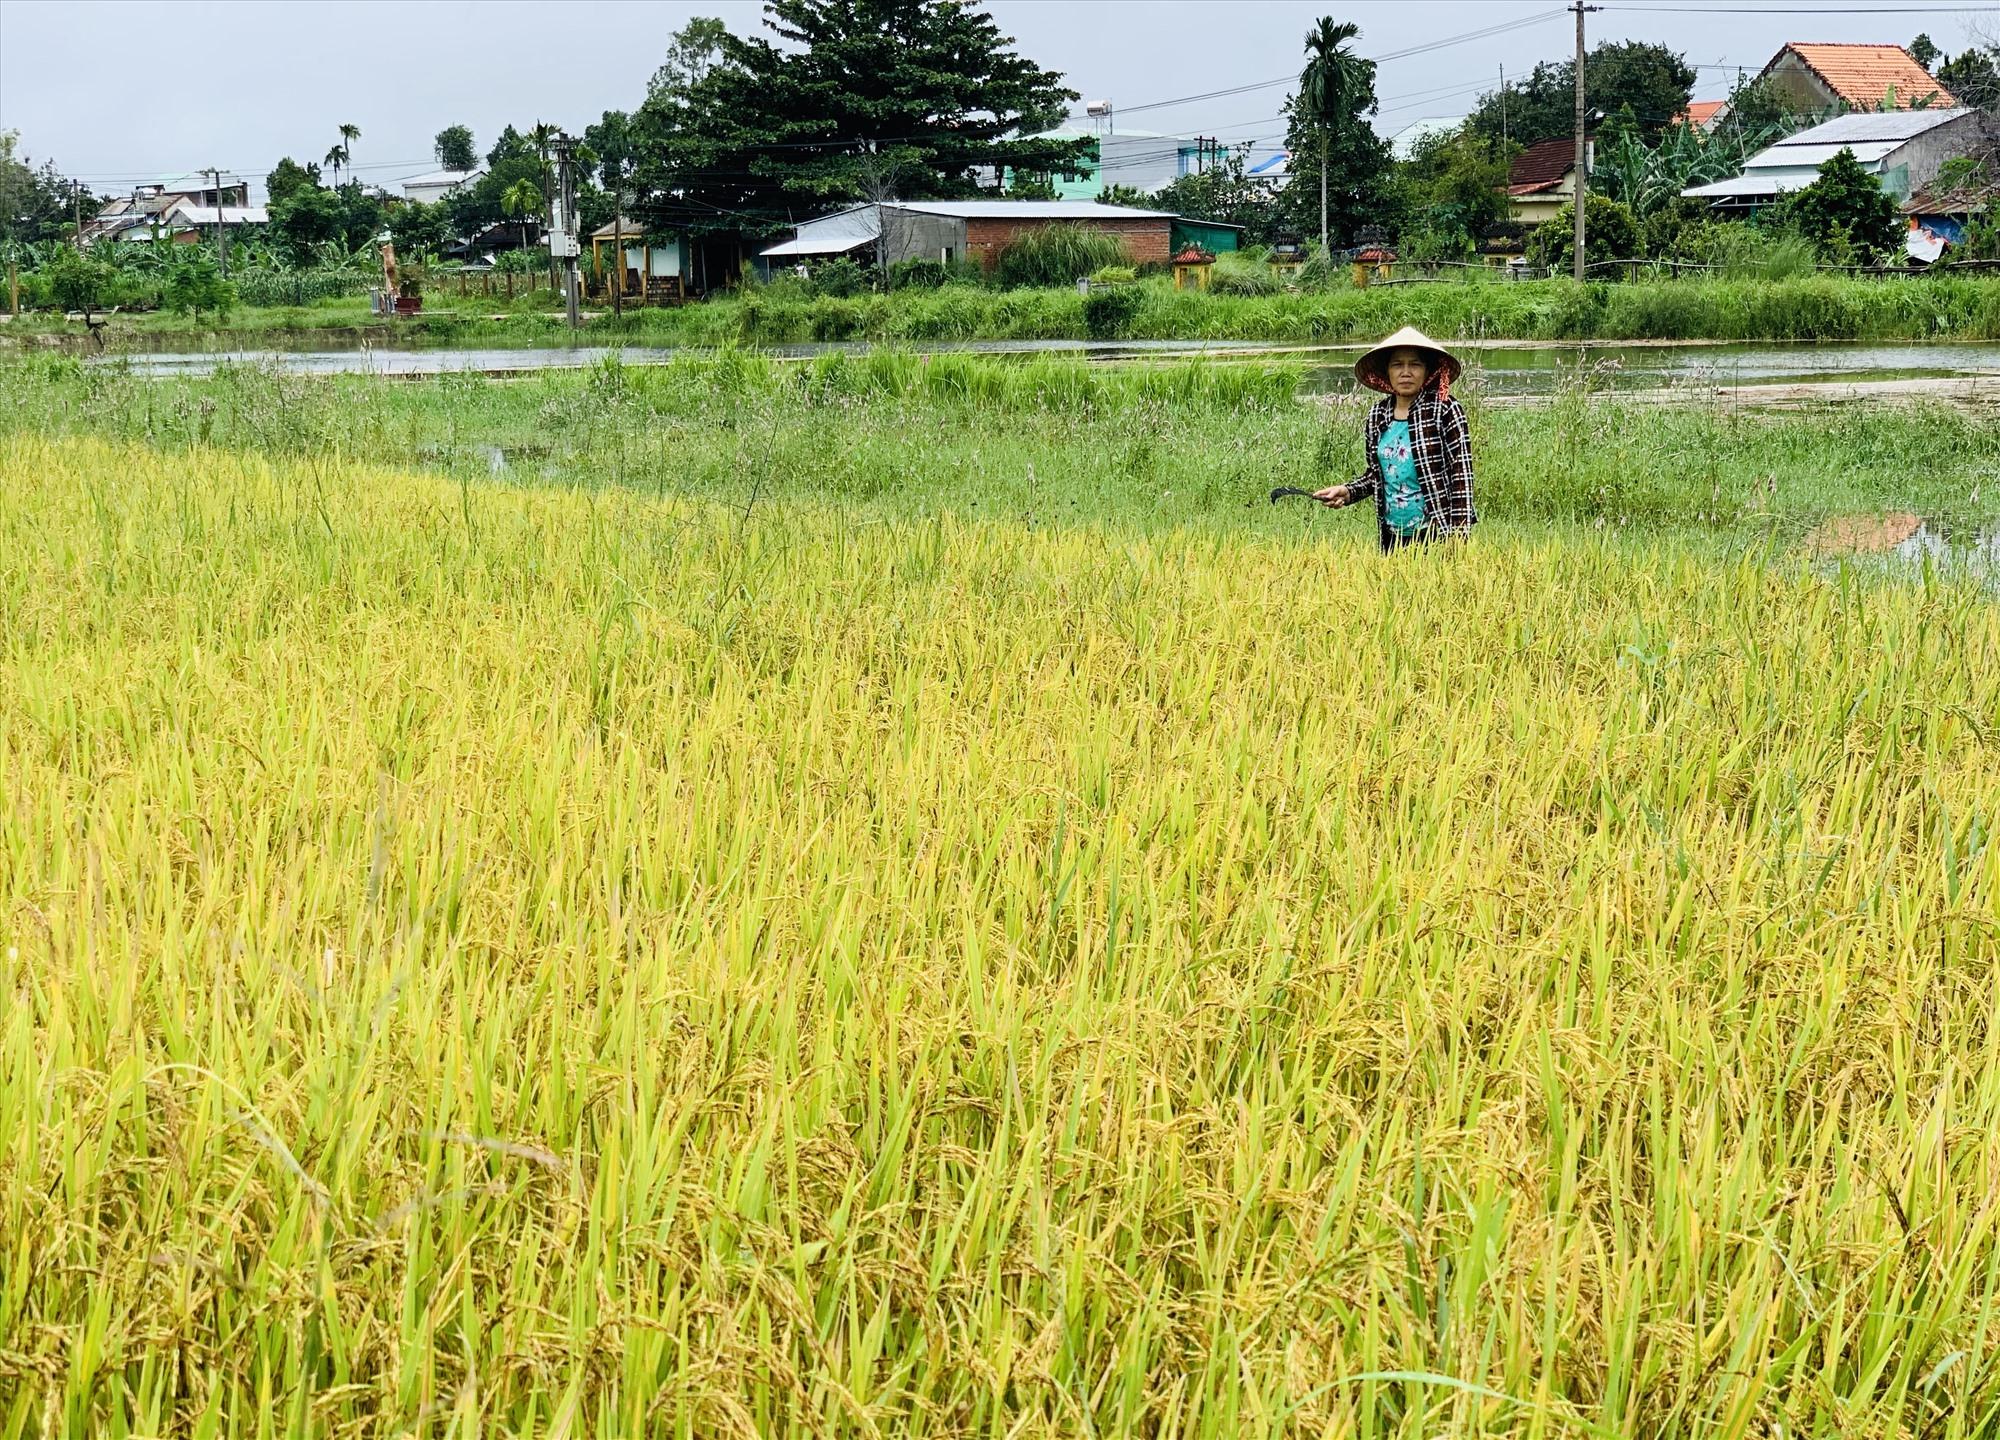 Nhà nông ra đồng tìm cách tiêu thoát nước cho những ruộng lúa bị ngập úng. Ảnh: N.T